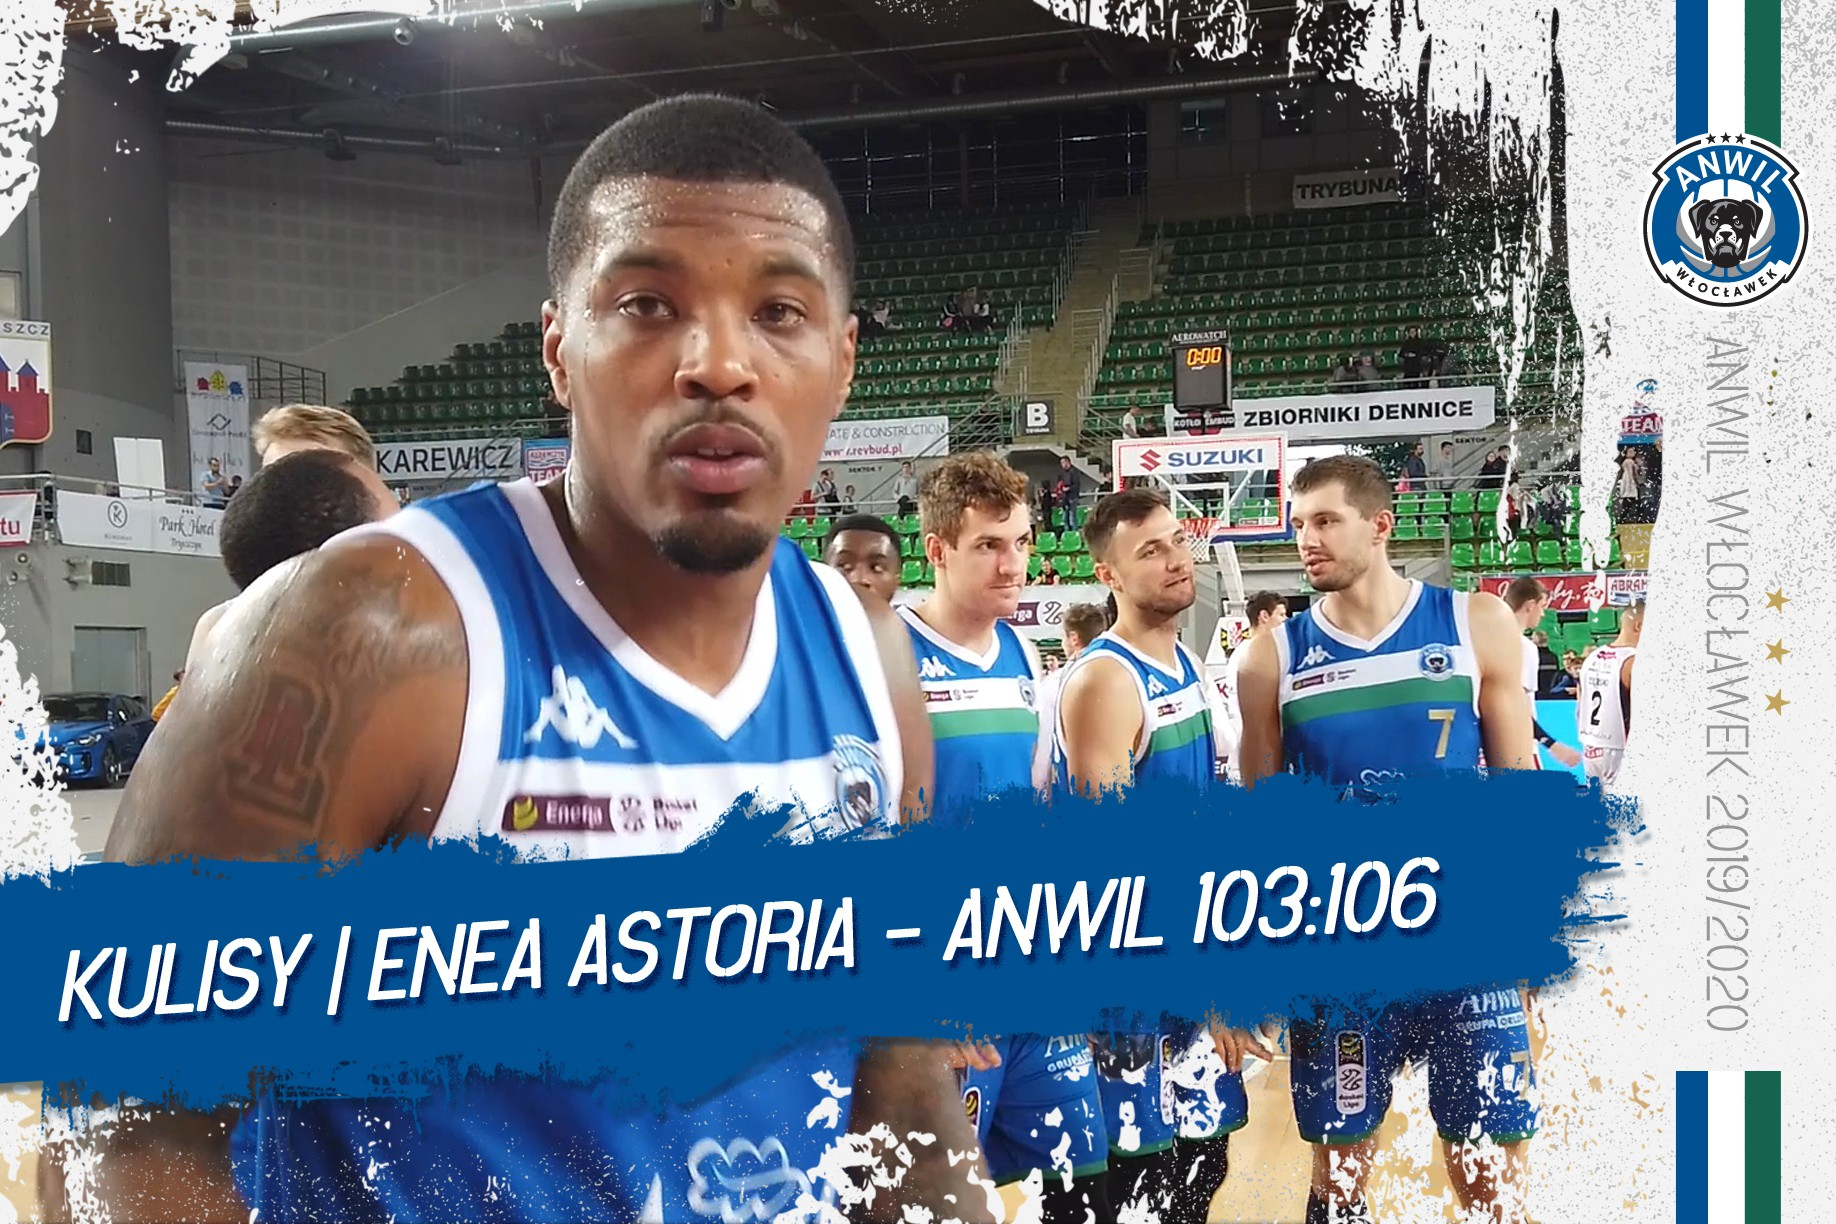 Kulisy | Enea Astoria Bydgoszcz - Anwil Włocławek 103:106